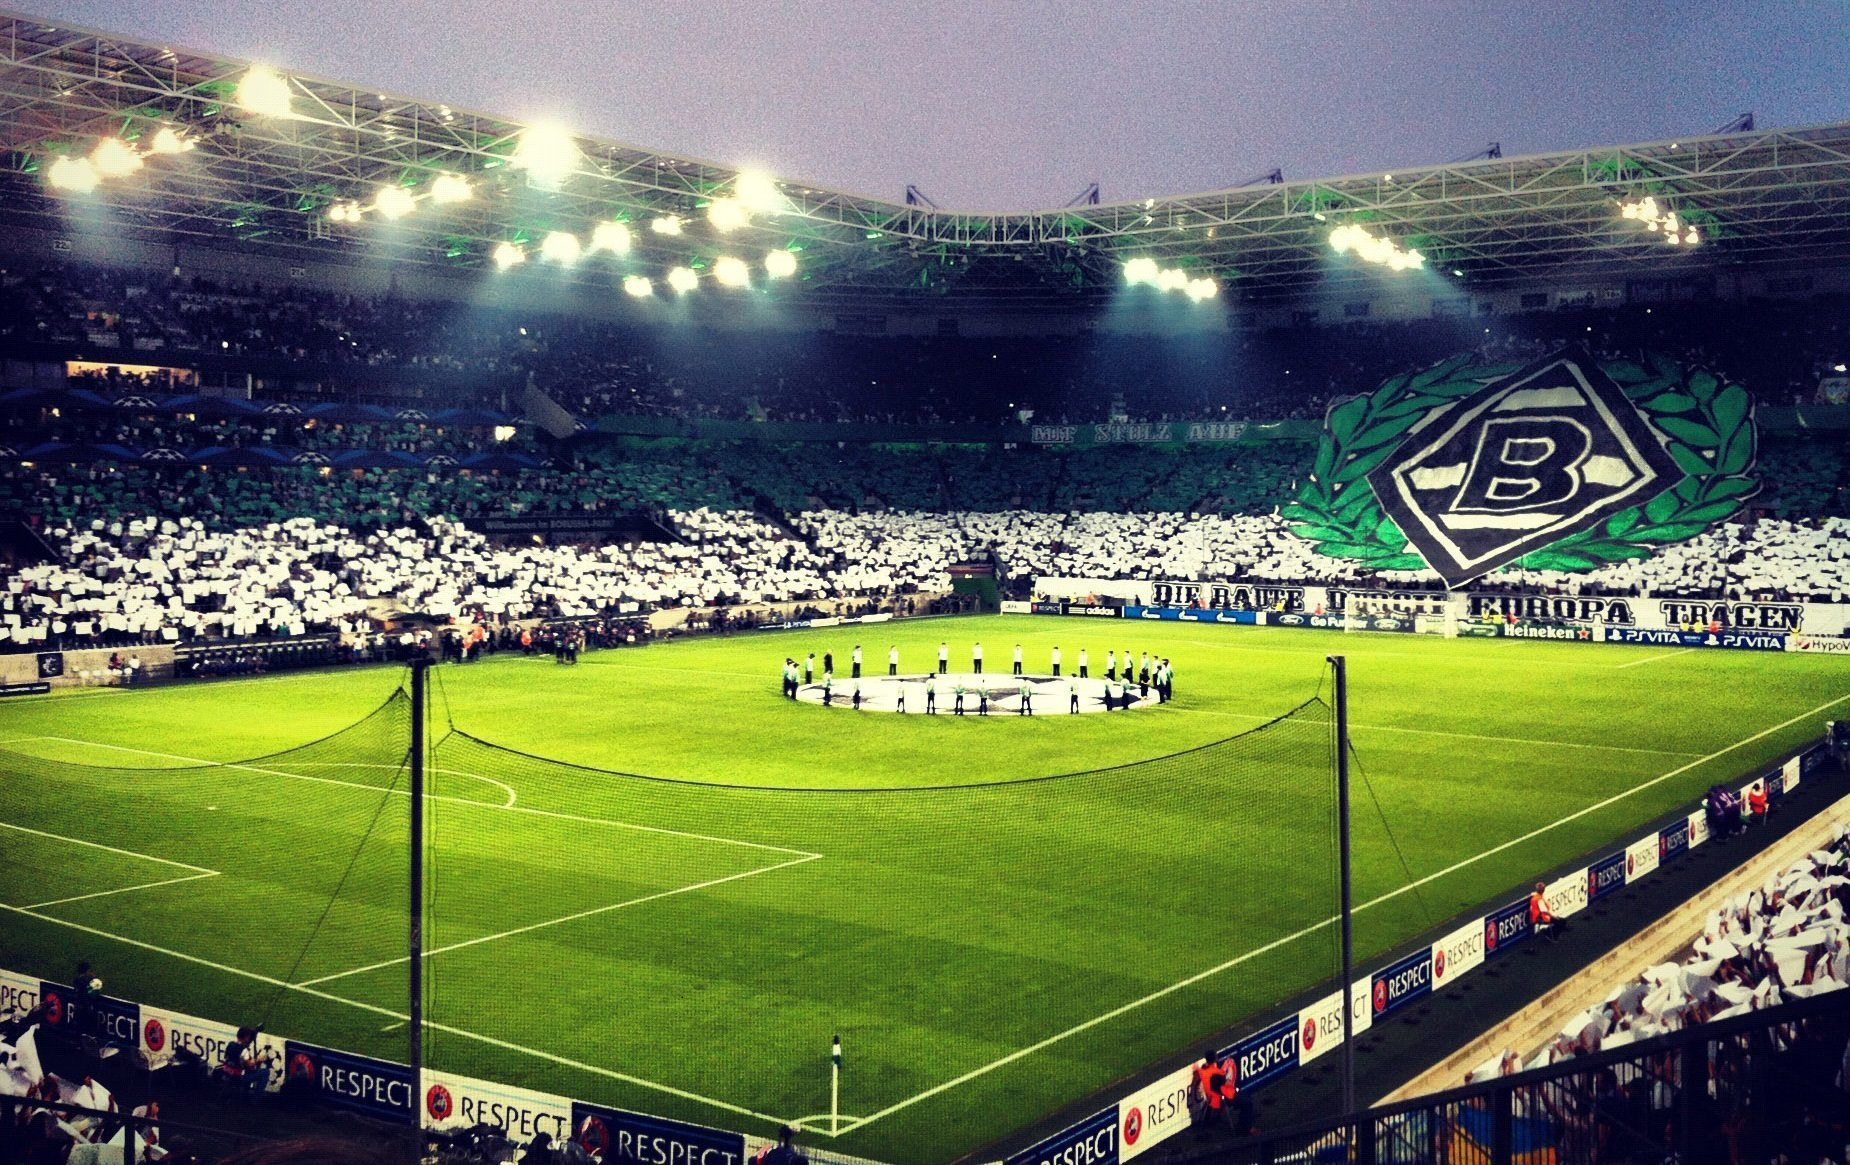 B. Monchengladbach VS Schalke ( BETTING TIPS, Match Preview & Expert Analysis )